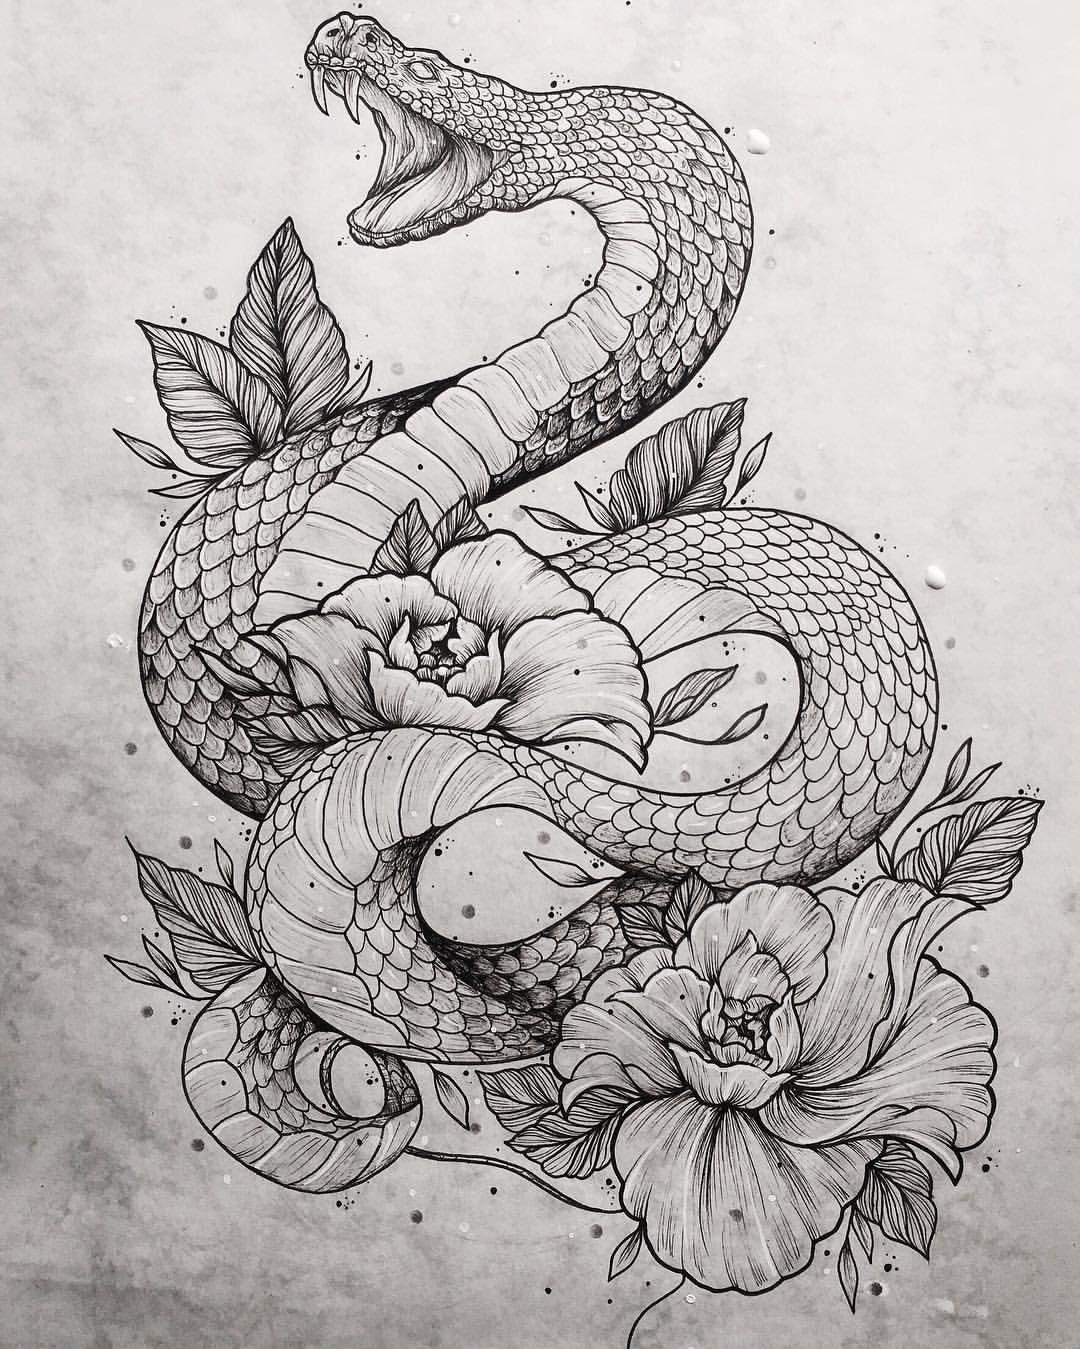 балки картинки эскизы татуировок змей готовы